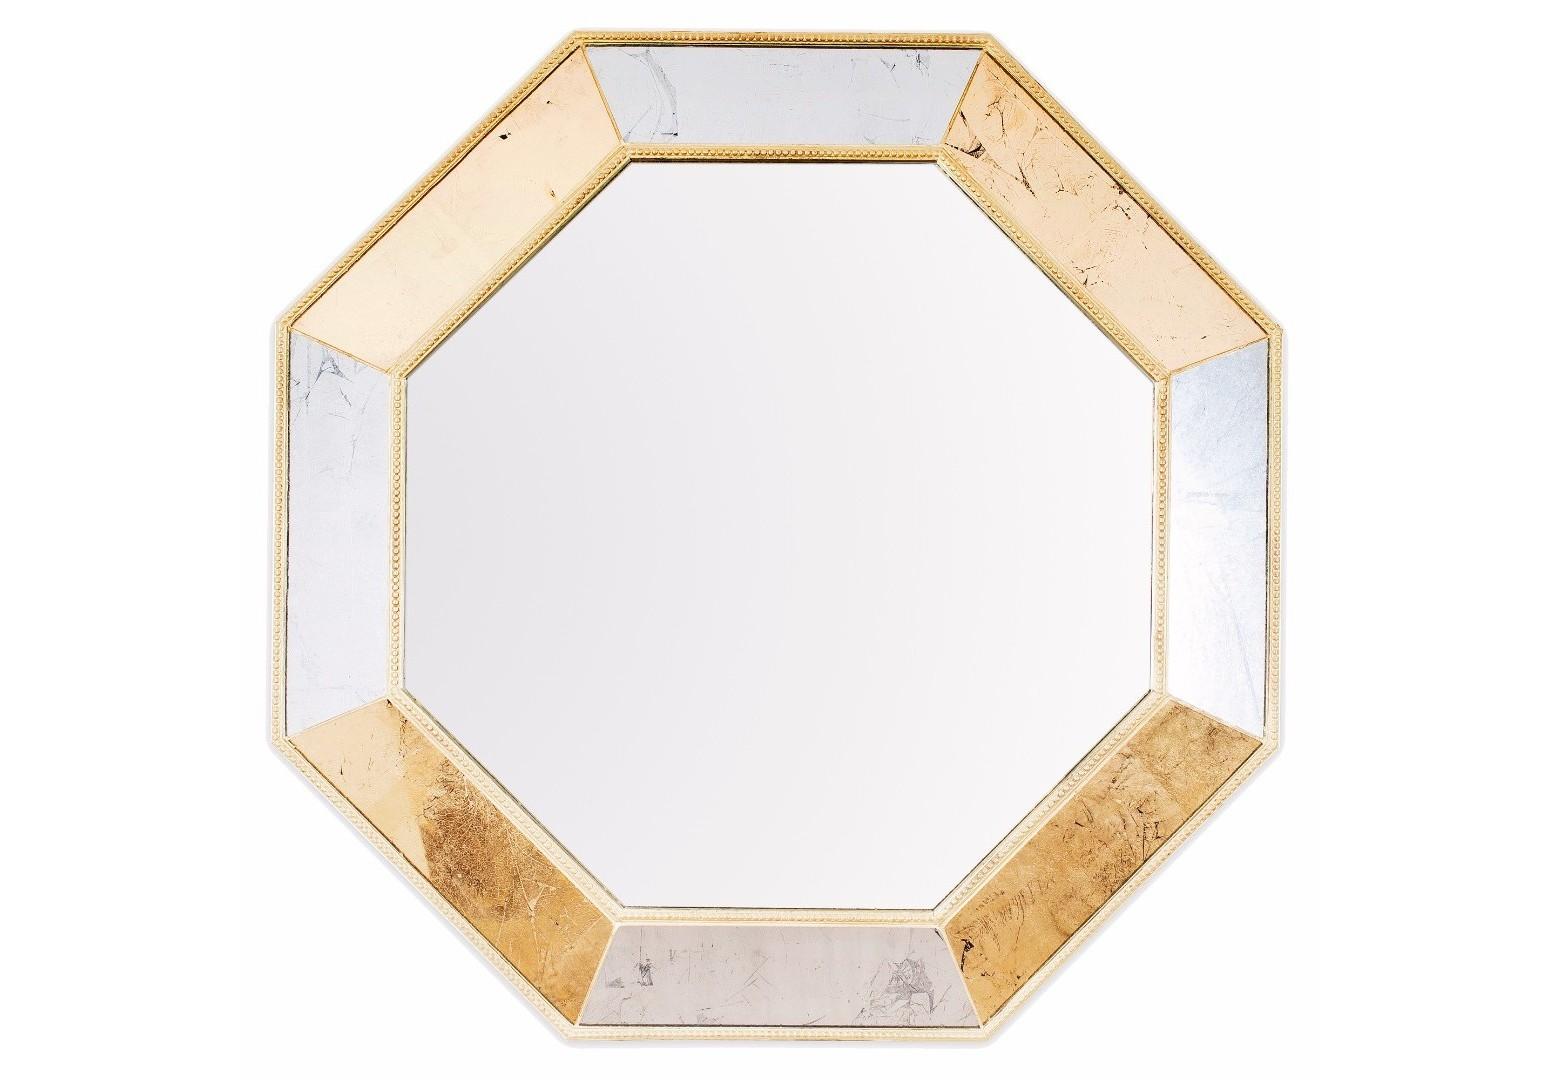 Зеркало King MixНастенные зеркала<br>Эксклюзивное зеркало ручной работы выполнено в форме роскошного золотого бриллианта с золотой состаренной каймой. Над его созданием кропотливо трудились руки самых искусных мастеров. Благодаря гармоничному сочетанию классического, золотого поталевого и серебряного поталевого зеркал обыкновенный предмет интерьера превратился в настоящее произведение искусства. Зеркало идеально дополнит пространство прихожей, а также станет центральным элементом в оформлении гостиной или спальни хозяев дома. По контуру рамы идет золотая состаренная окантовка.&amp;lt;div&amp;gt;&amp;lt;br&amp;gt;&amp;lt;/div&amp;gt;&amp;lt;div&amp;gt;Материал: массив дерева, поталевое зеркало, классическое зеркало.&amp;lt;br&amp;gt;&amp;lt;/div&amp;gt;<br><br>Material: Дерево<br>Ширина см: 64.0<br>Высота см: 64.0<br>Глубина см: 5.0